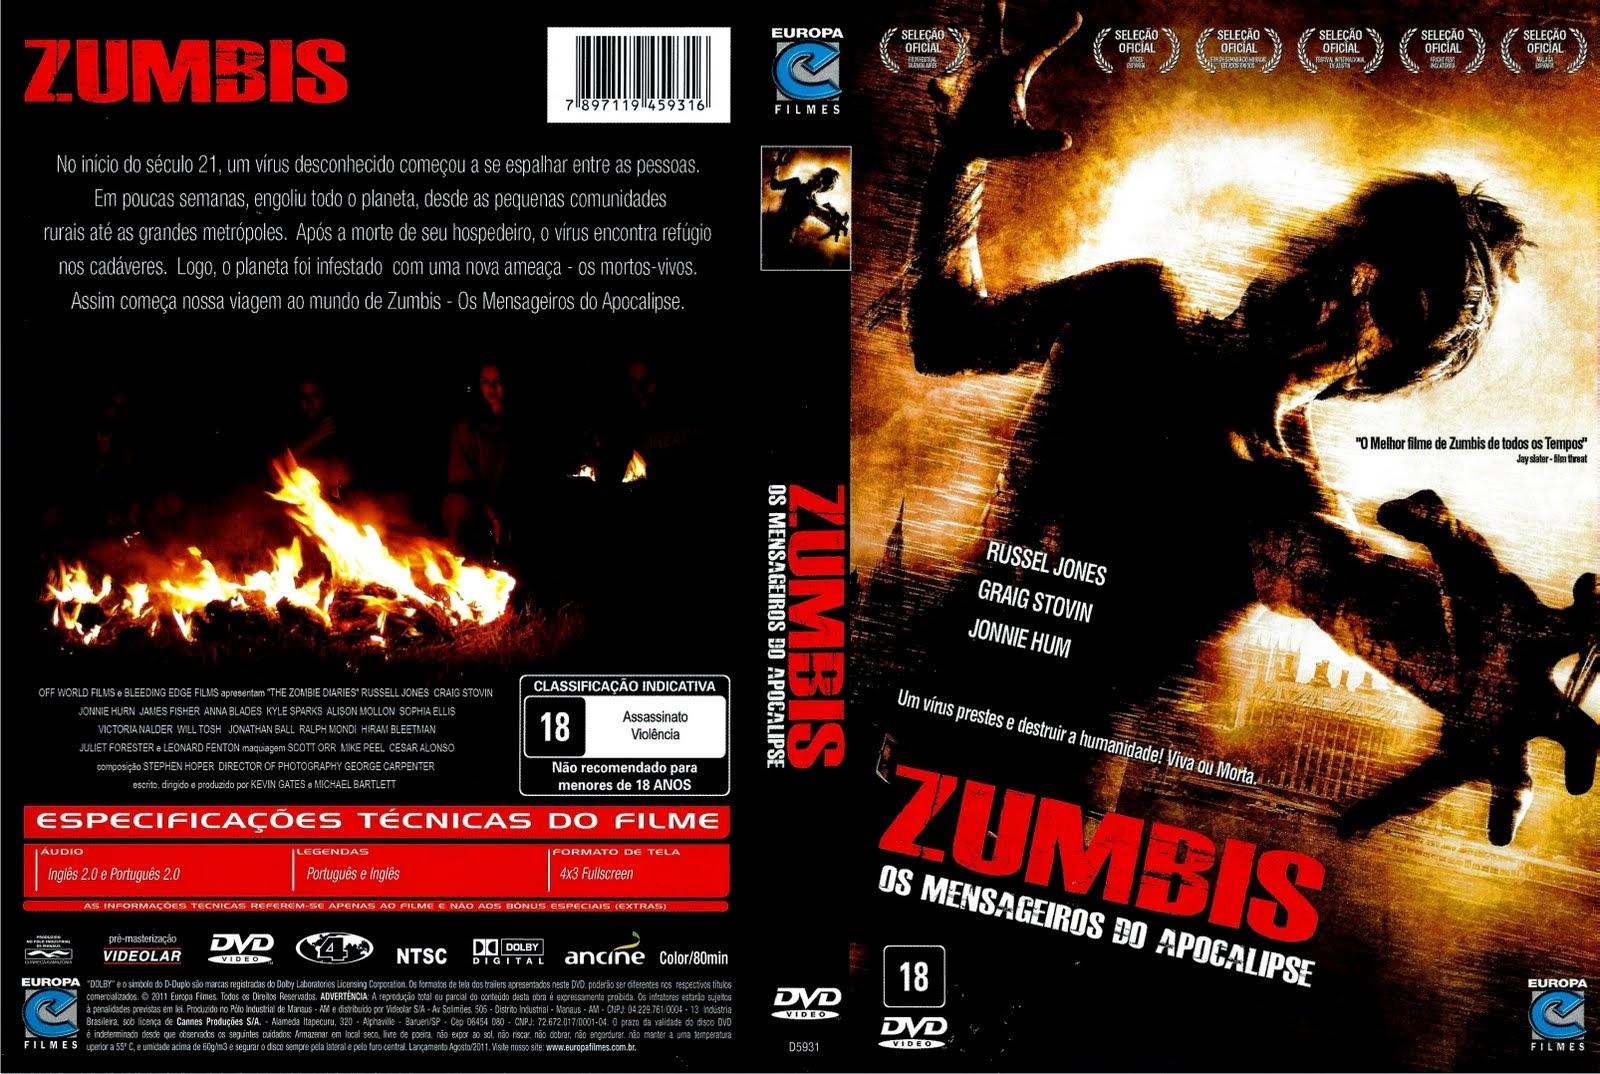 Filme Zumbis - Os Mensageiros do Apocalipse DVD Capa